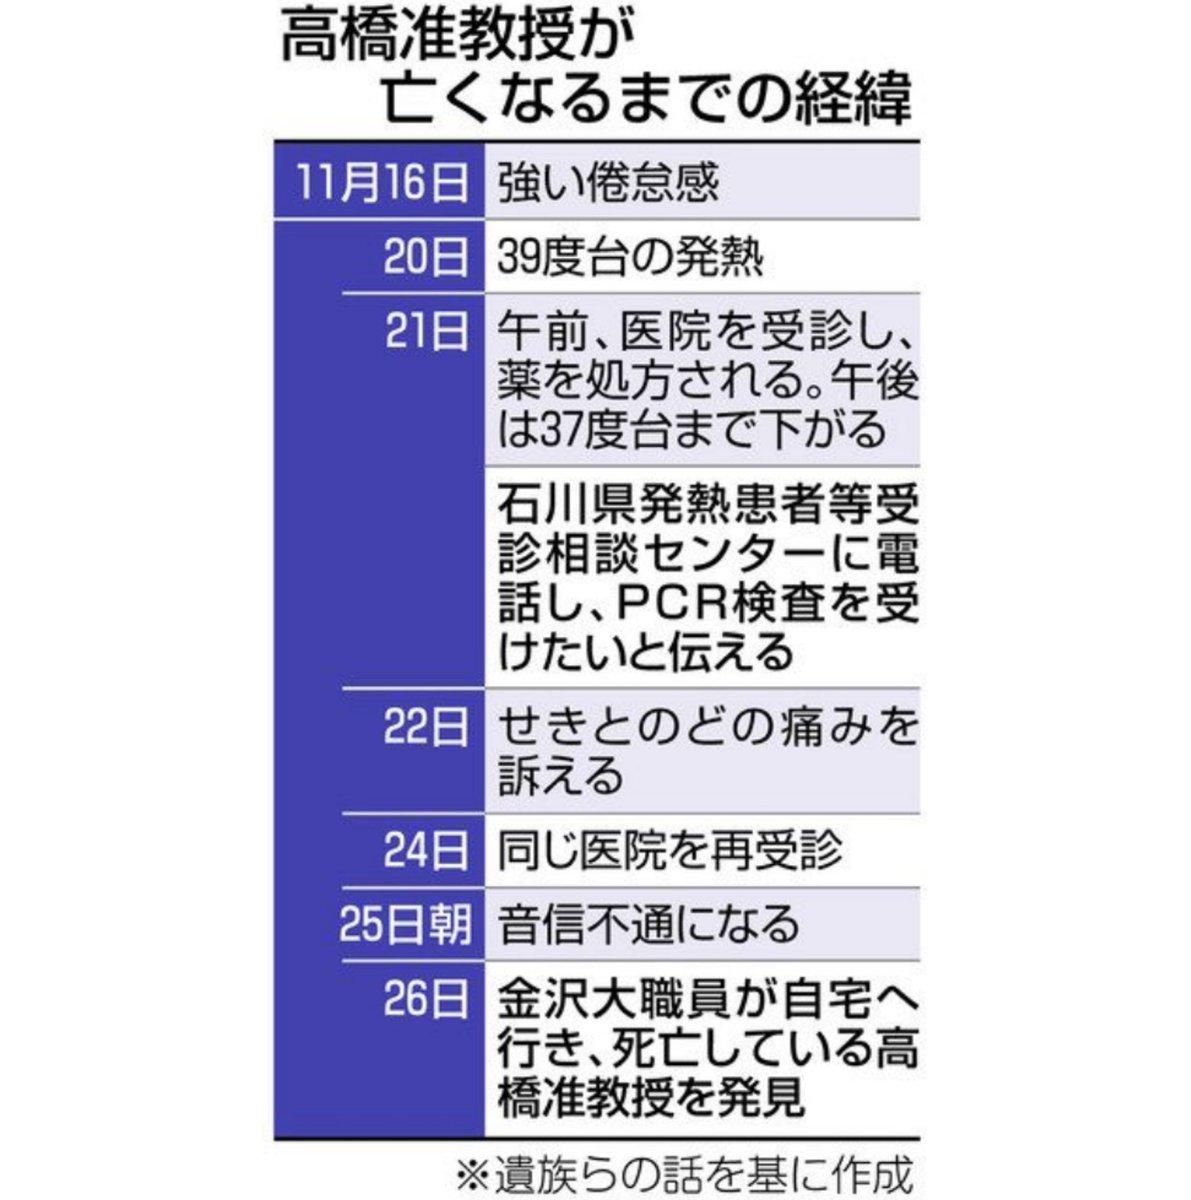 コロナ 感染 者 金沢 カラオケ大会でクラスター 石川県内、新たに11人がコロナ感染